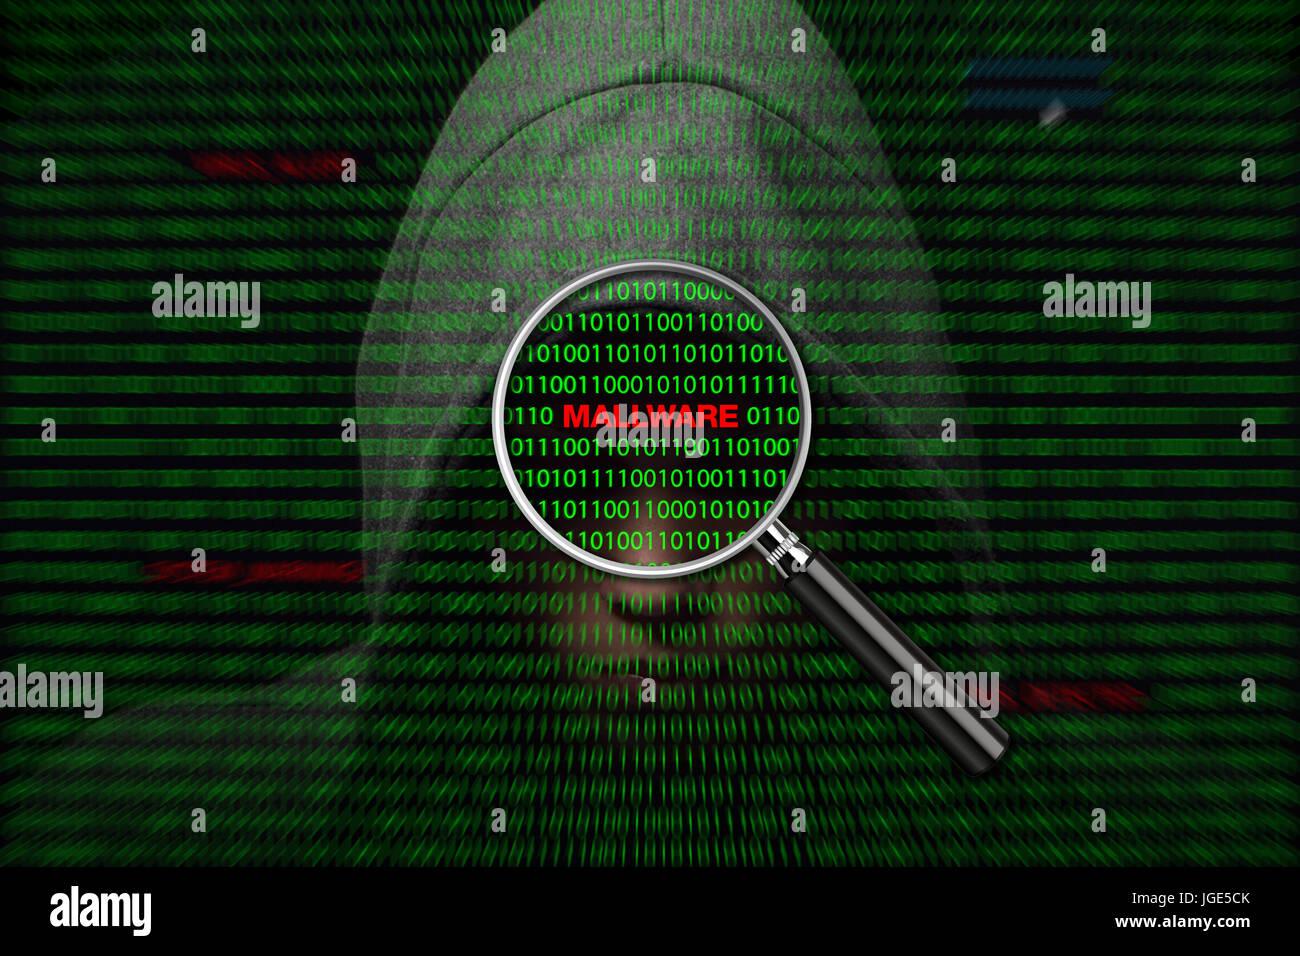 Hacker sur un écran avec un code binaire et les messages d'avertissement mallware Photo Stock